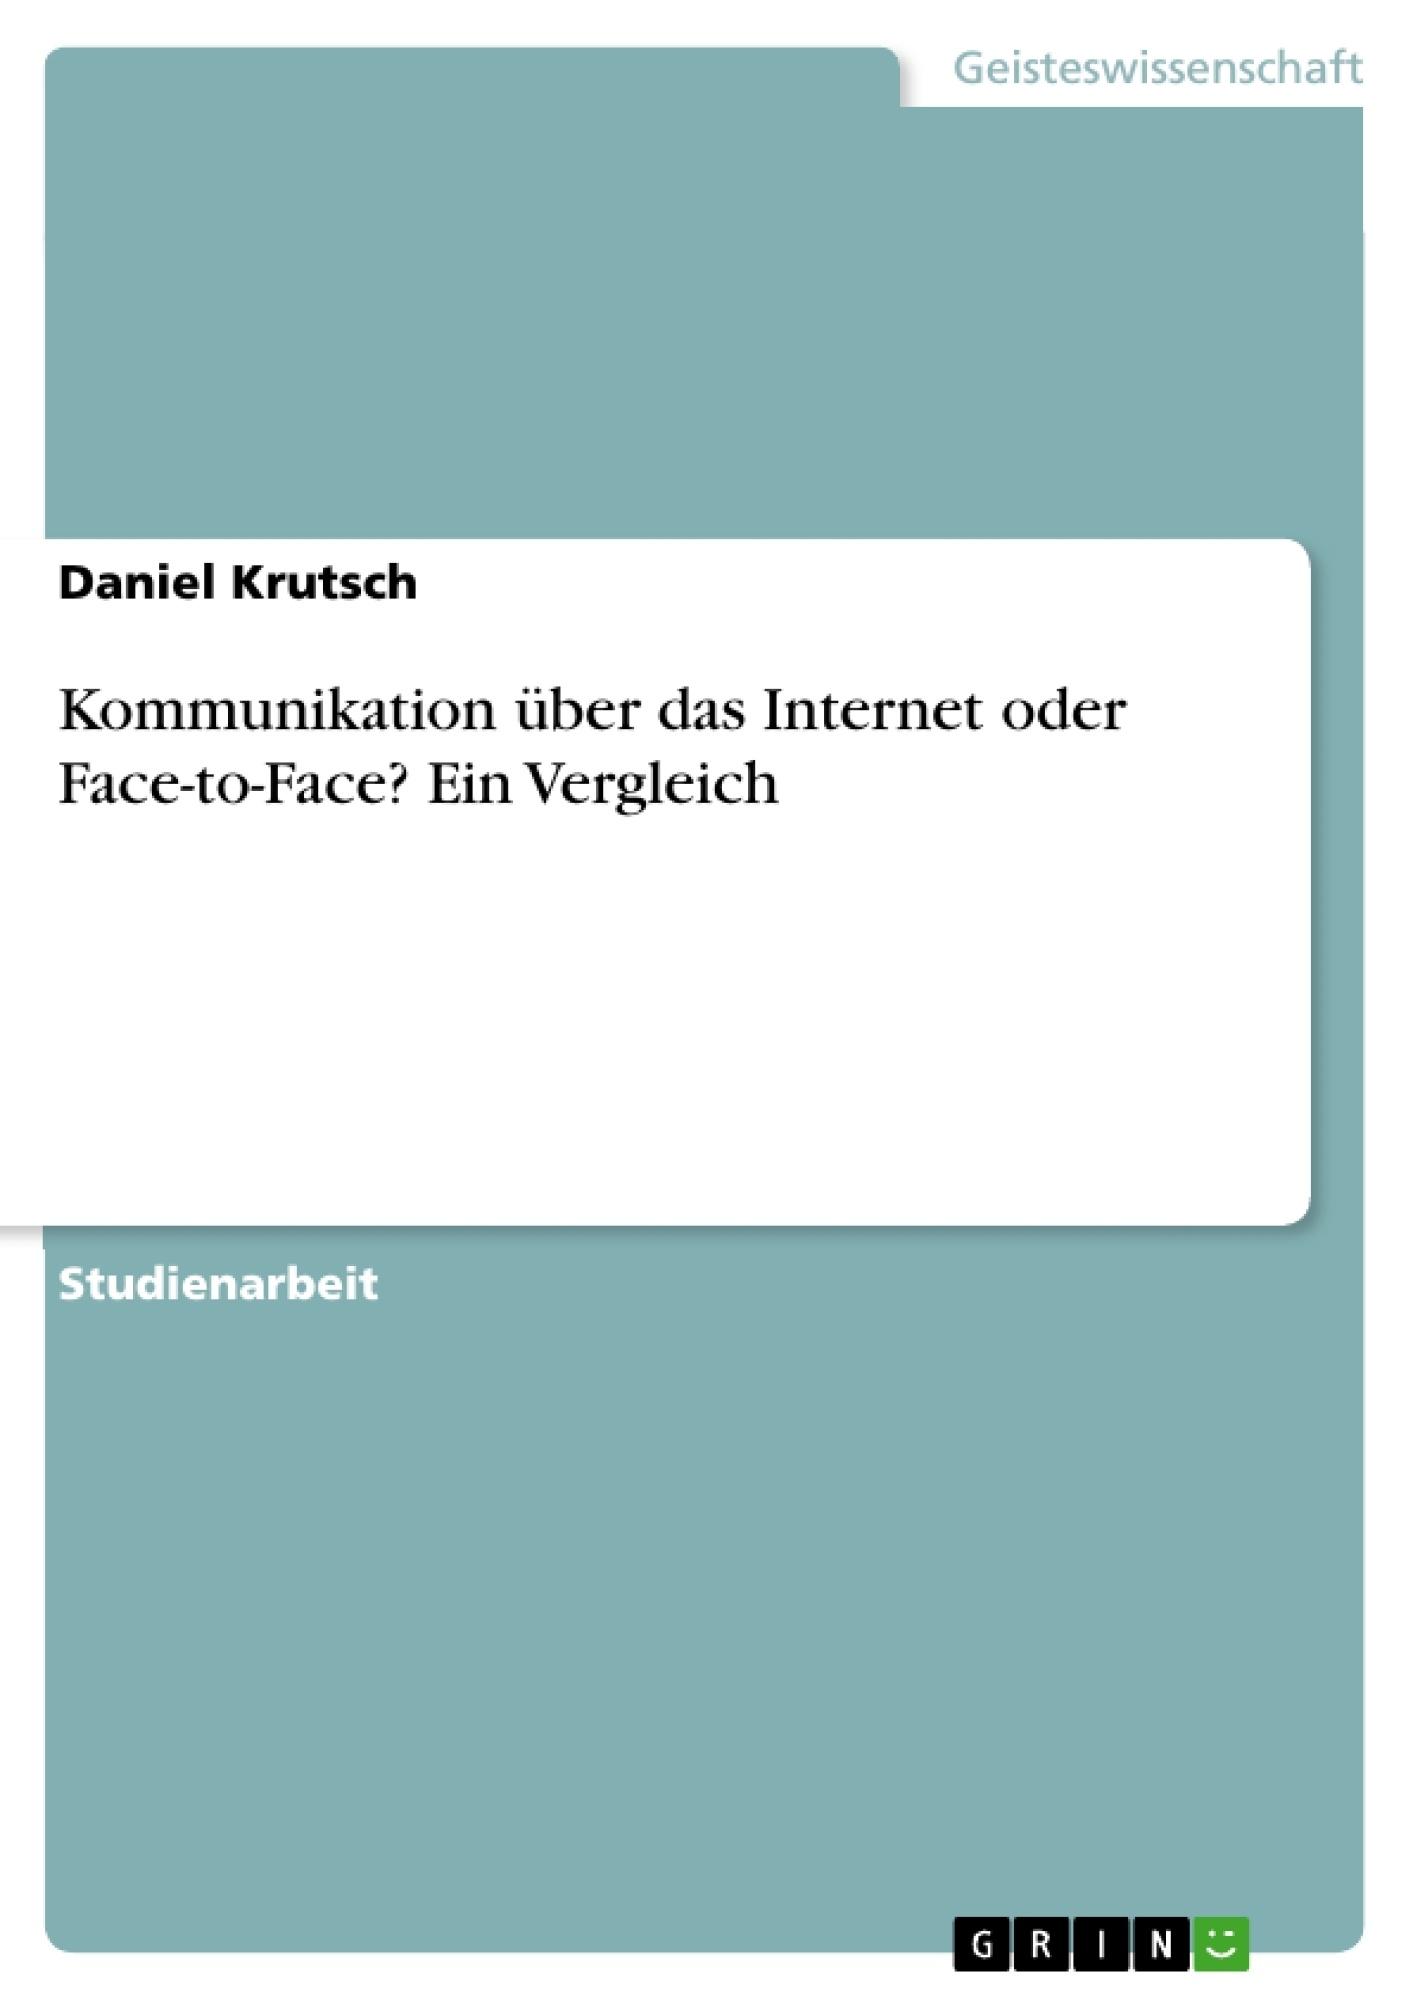 Titel: Kommunikation über das Internet oder Face-to-Face? Ein Vergleich